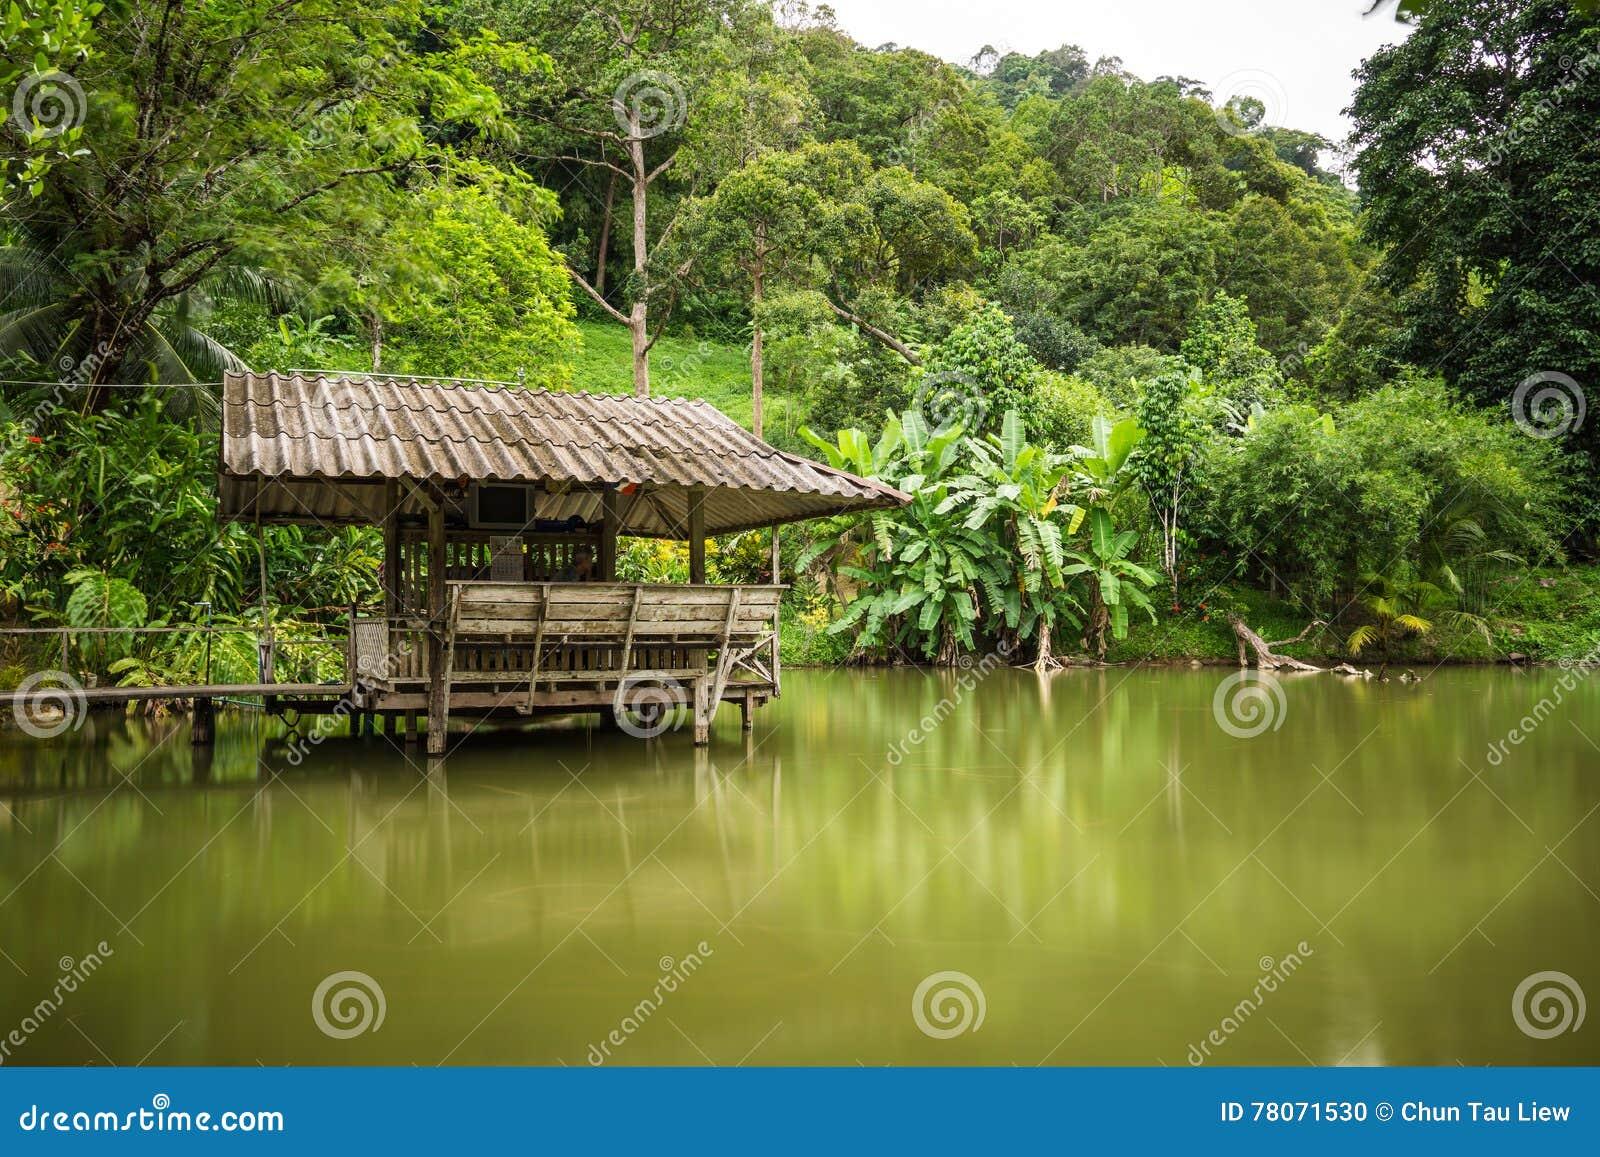 kleines haus am see ufer stockfoto bild von lakeside 78071530. Black Bedroom Furniture Sets. Home Design Ideas